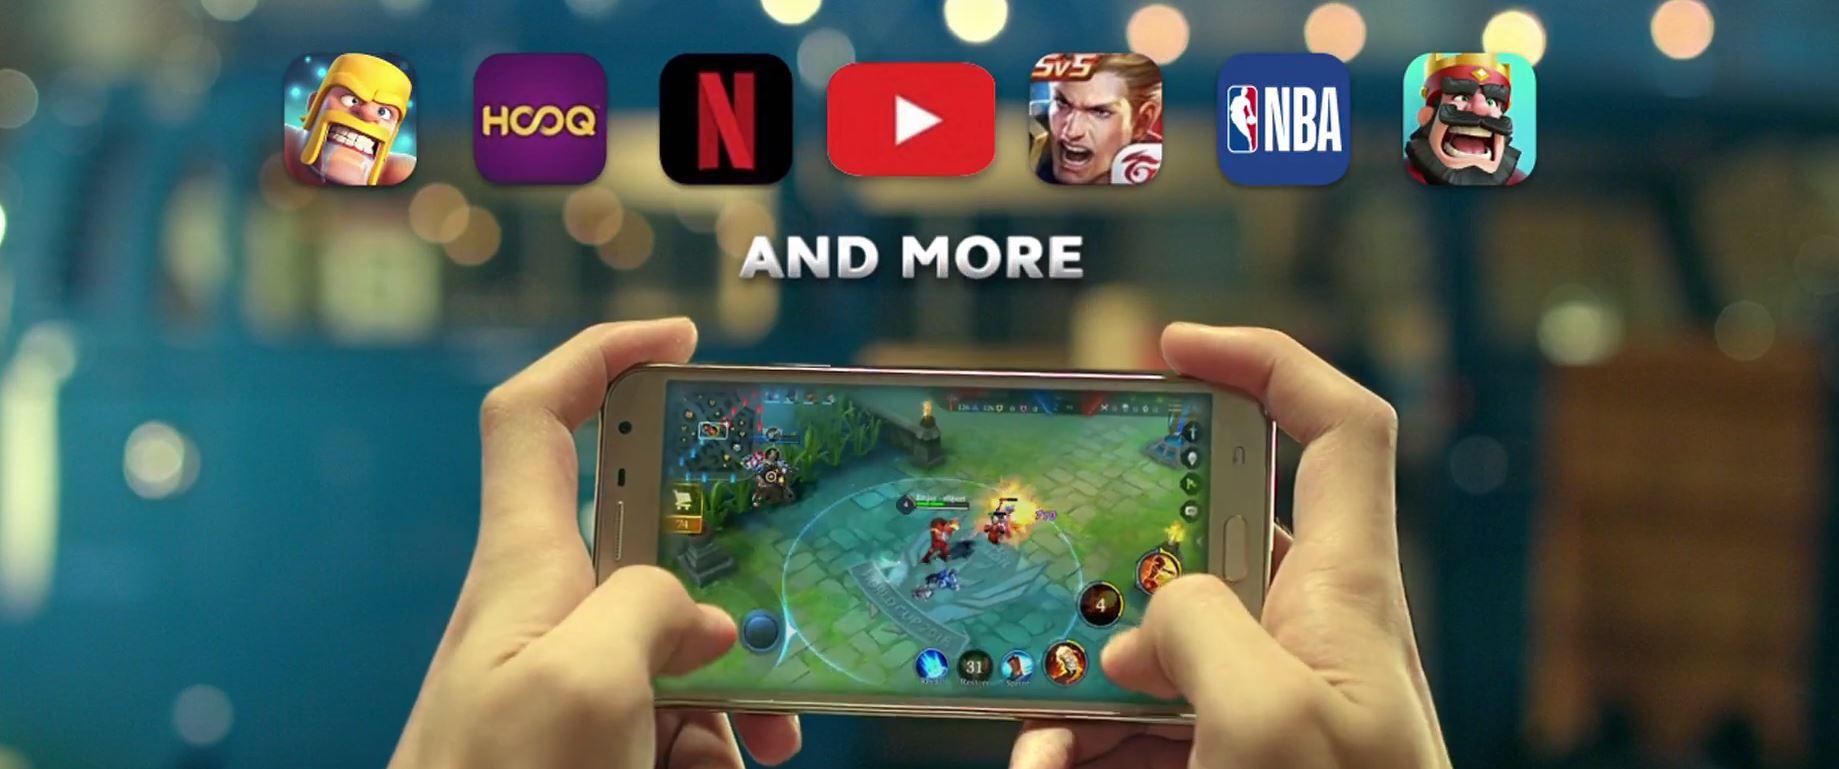 Best Globe Mobile Internet Data Promo for Gaming